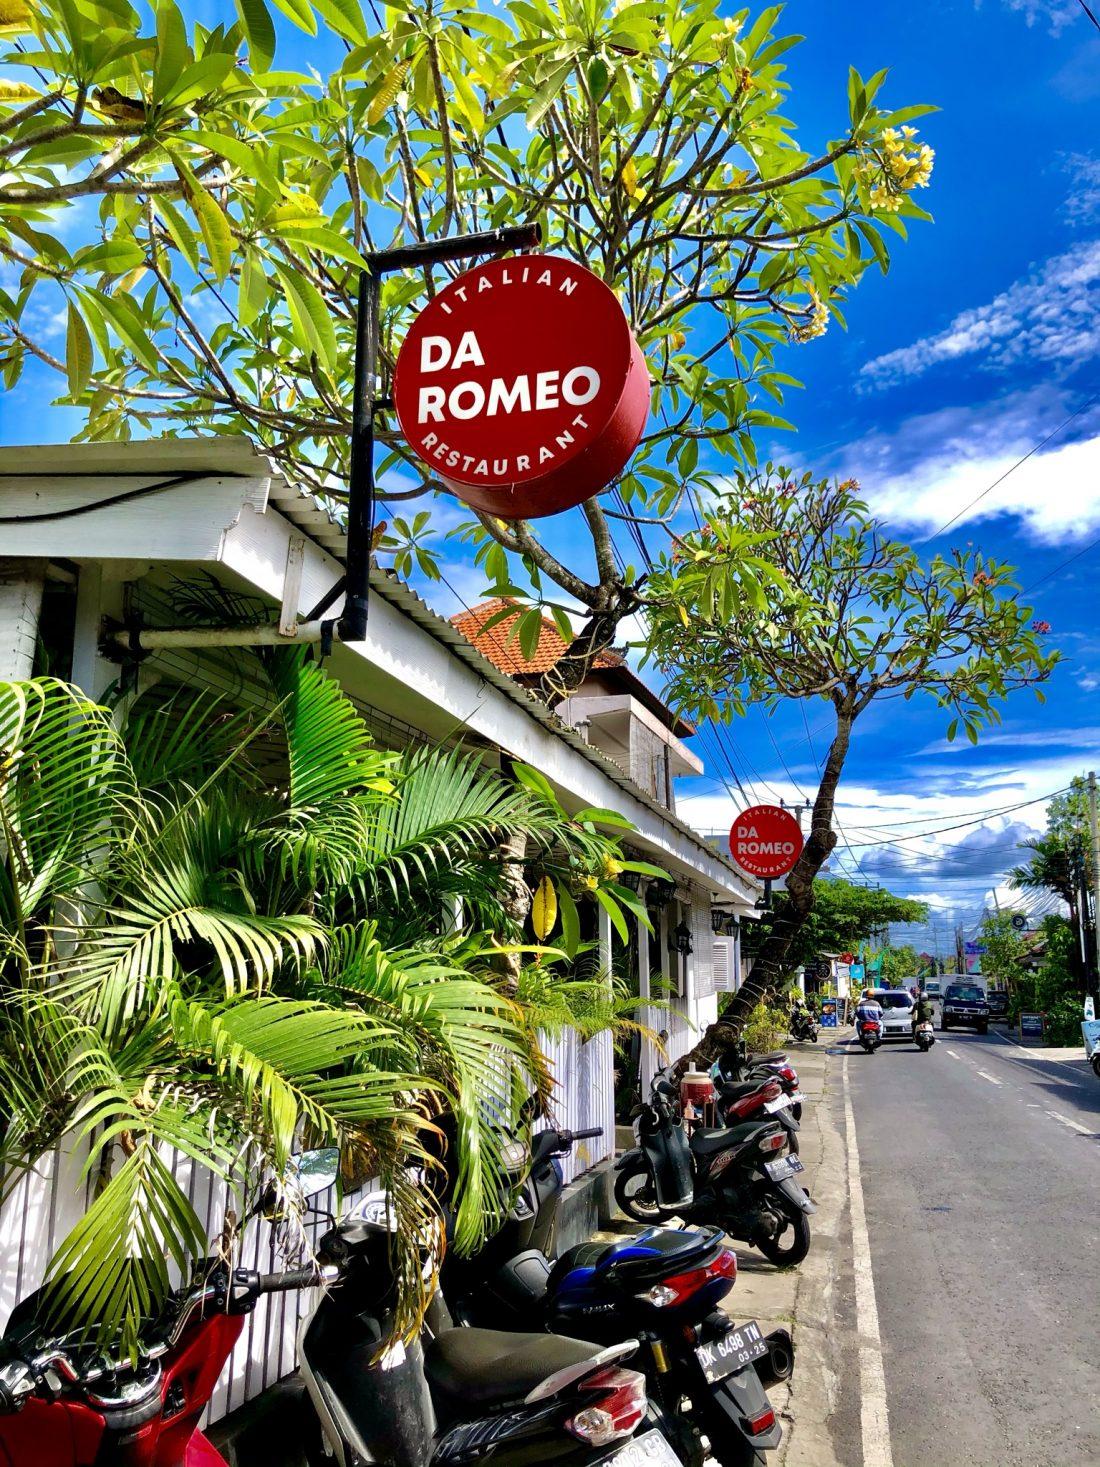 Restaurant Da Romeo